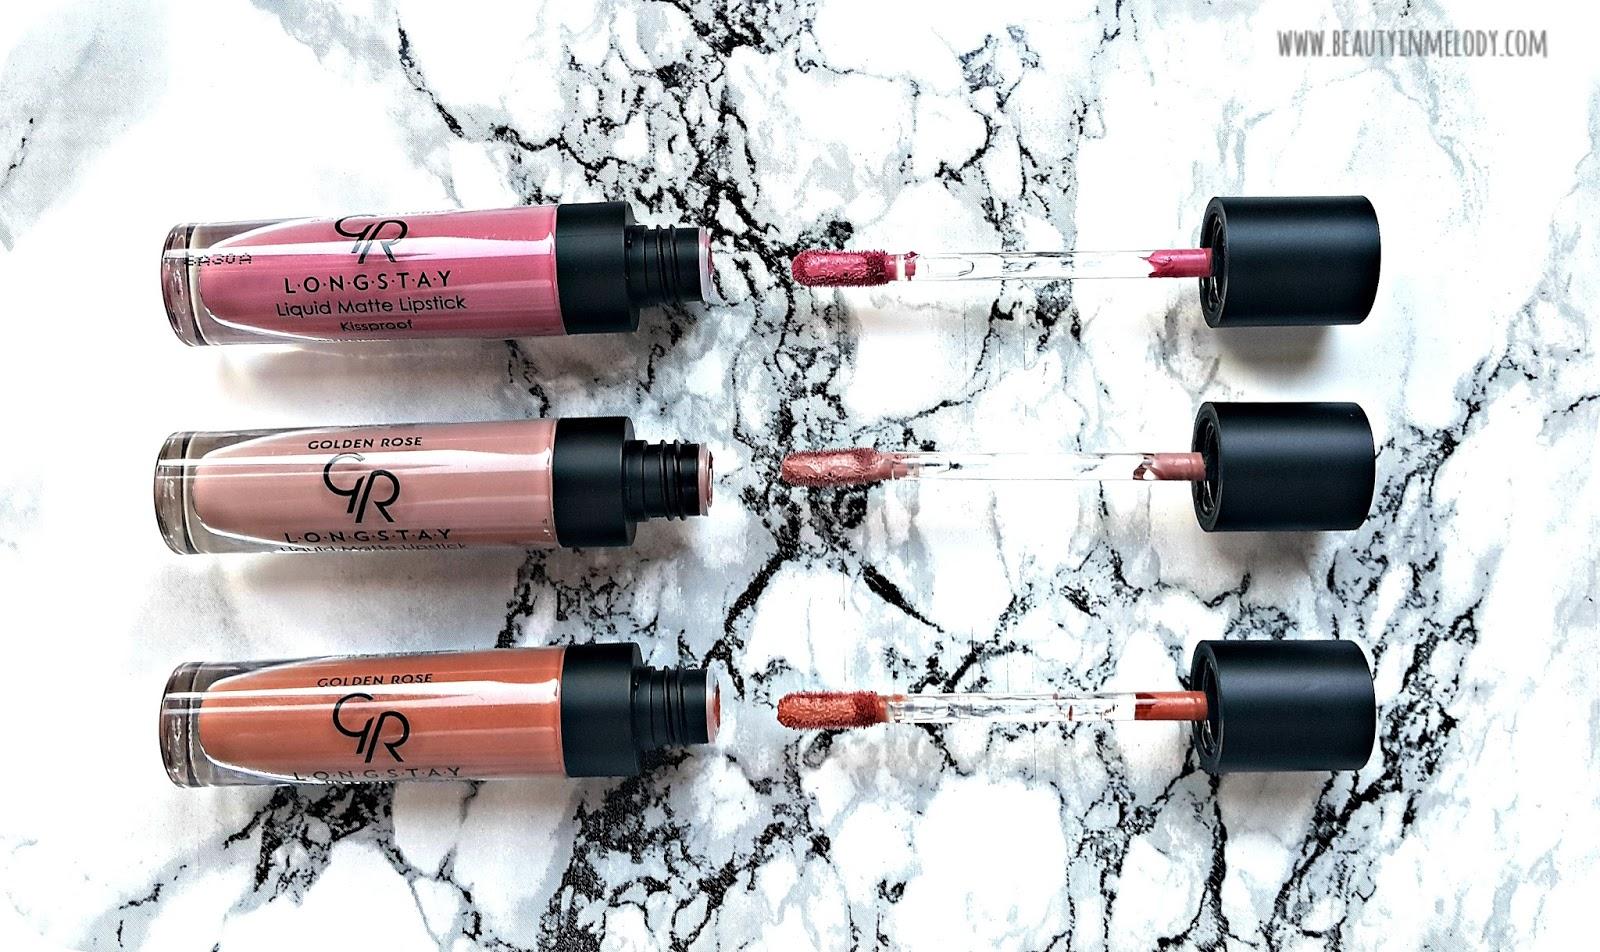 Beautymelody Golden Rose Longstay Liquid Matte Lipsticks 03 10